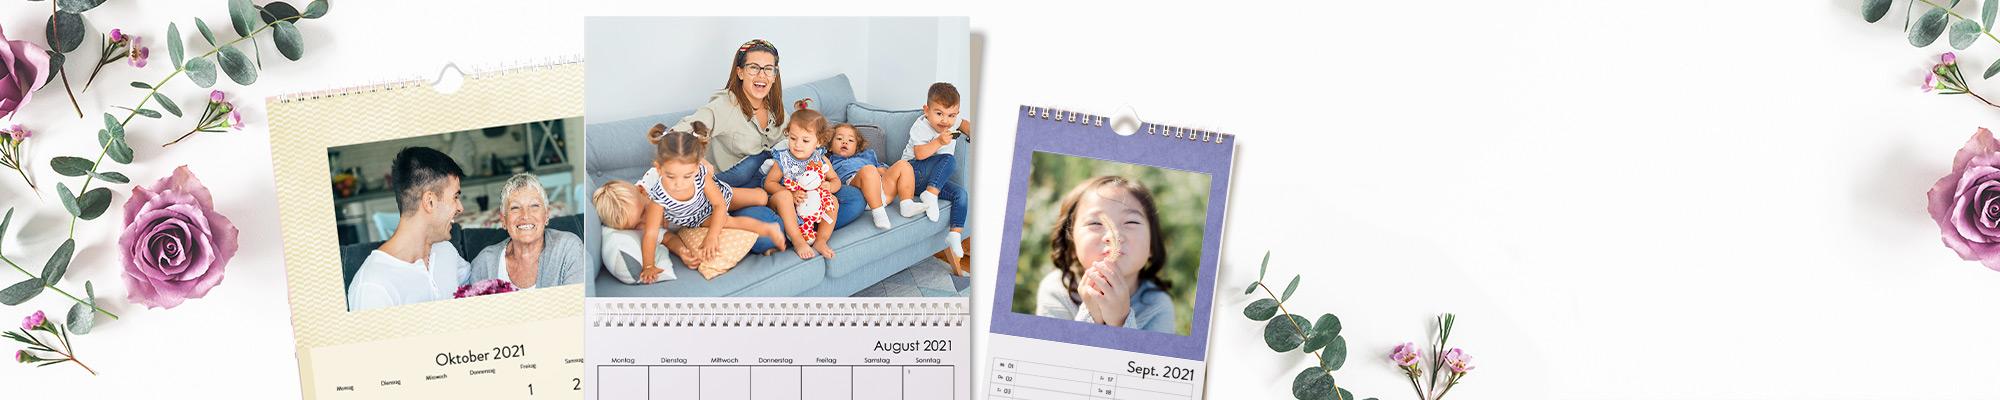 Individuelle Kalender 2021